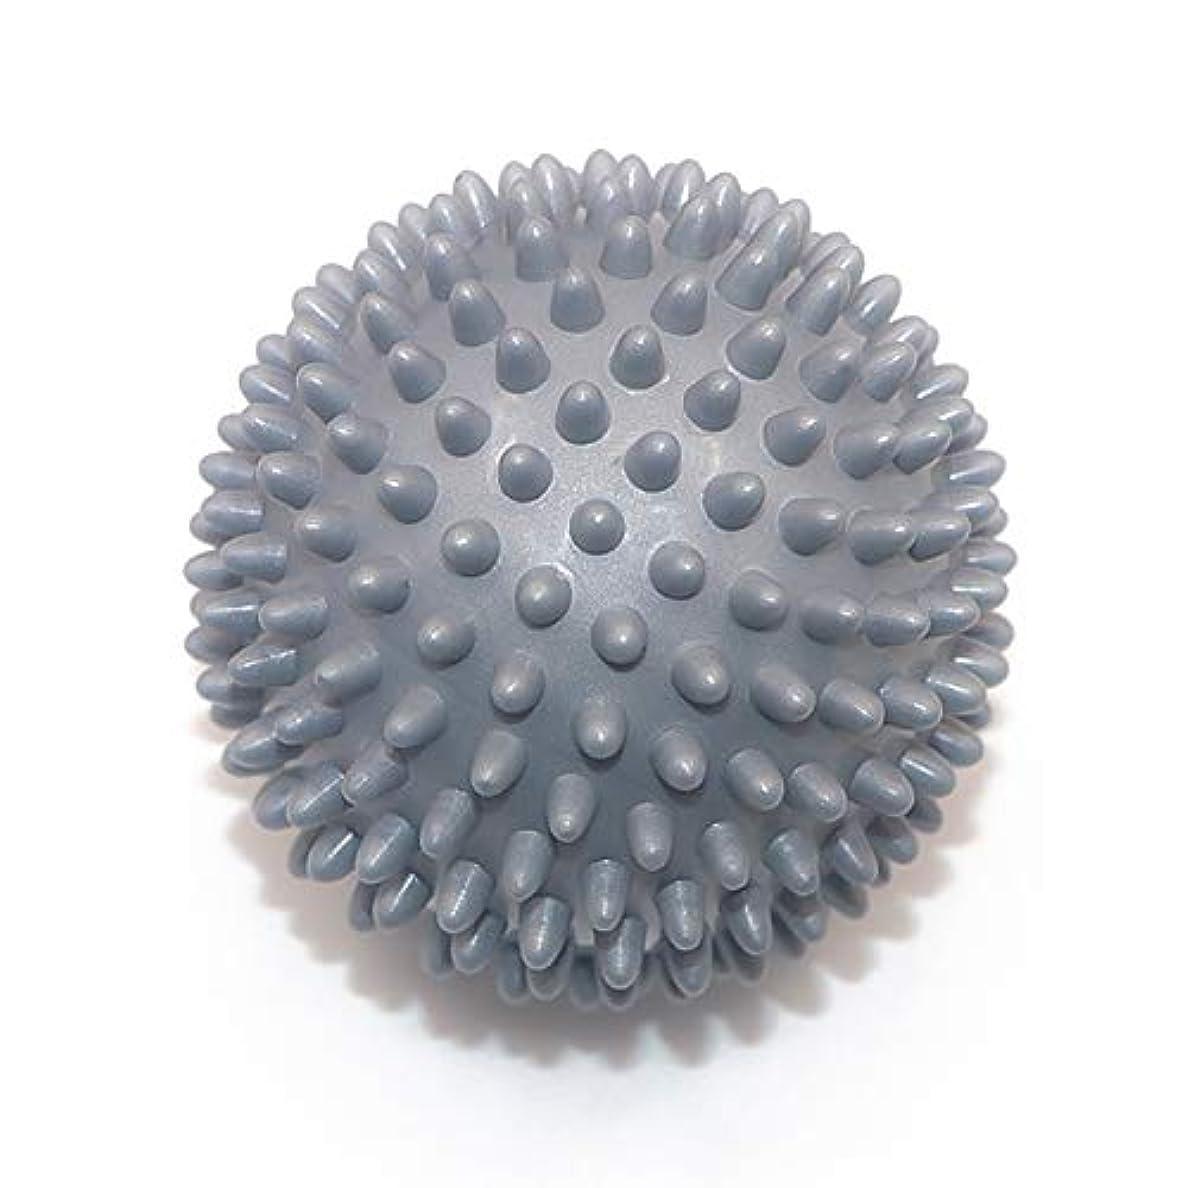 靴神経エンディングLiti マッサージボール リハビリ 触覚ボール リフレクションボール 筋膜リリース リハビリ マッサージ用 グレー